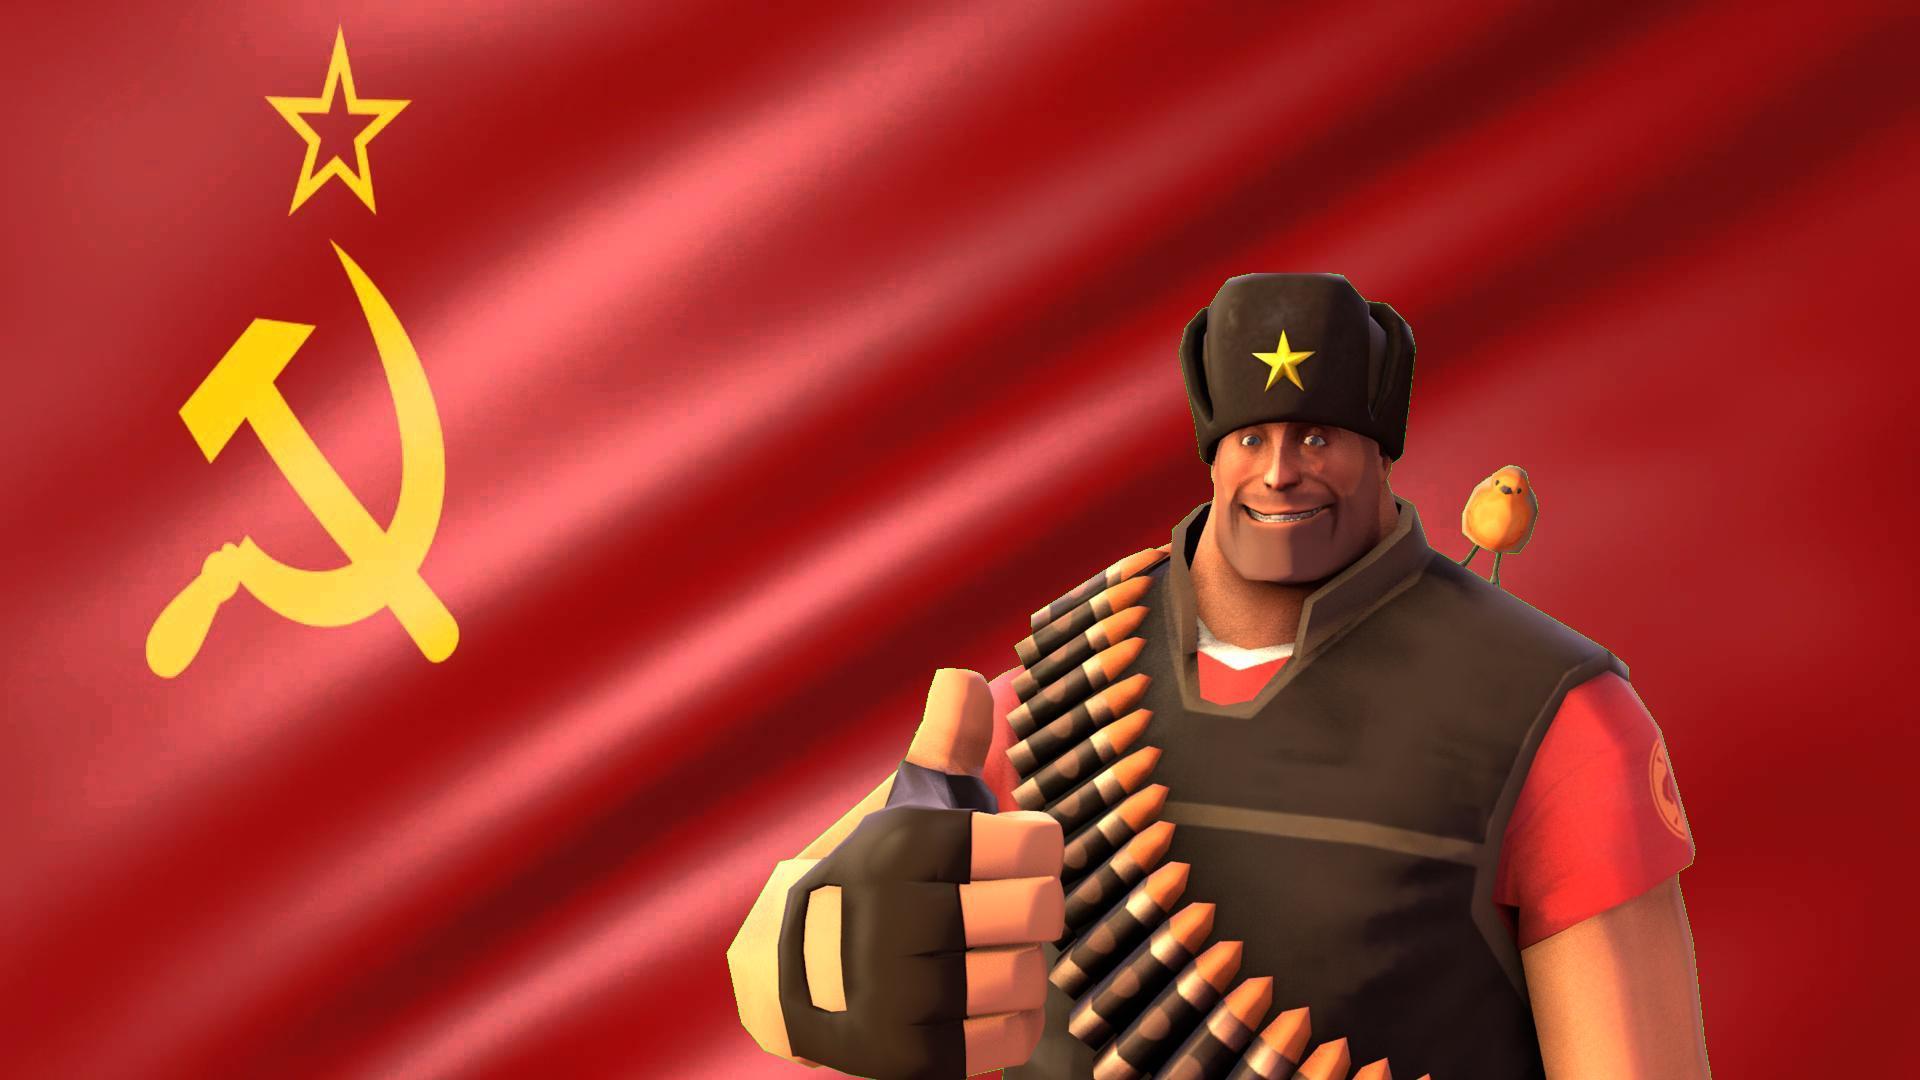 Viva el comunismo !! - meme